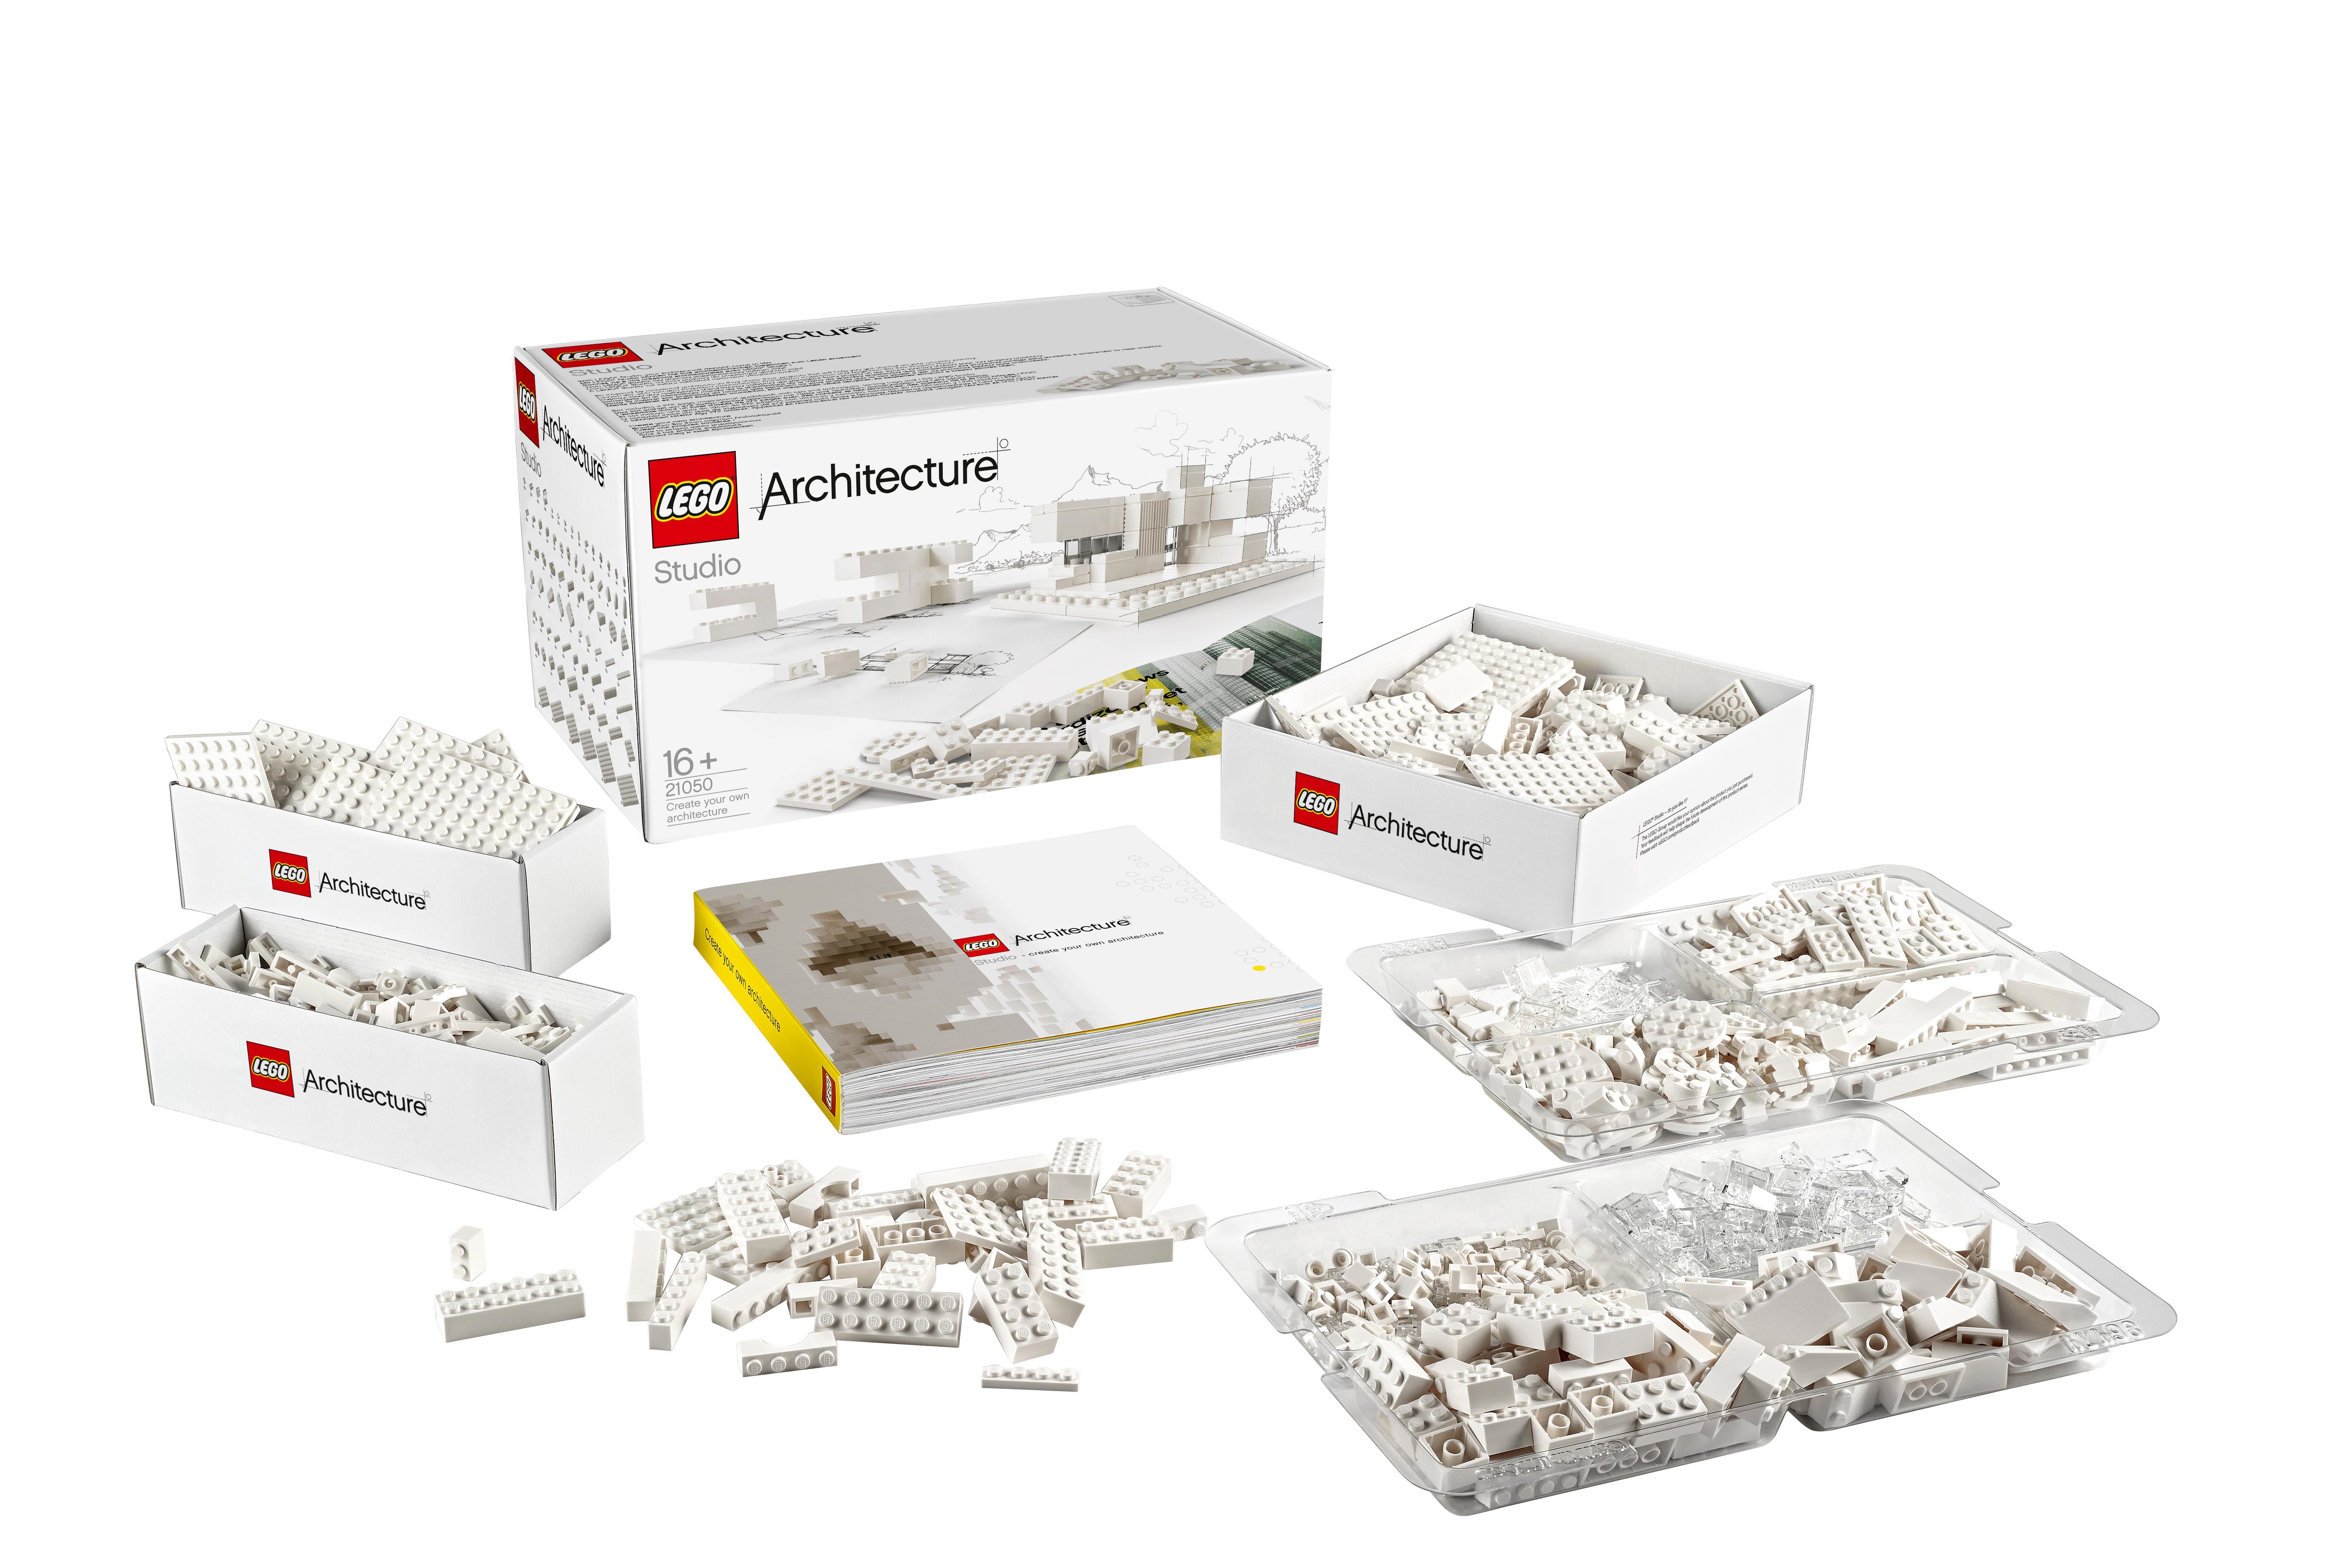 LEGO Architecture Studio Building Blocks Set Building Sets